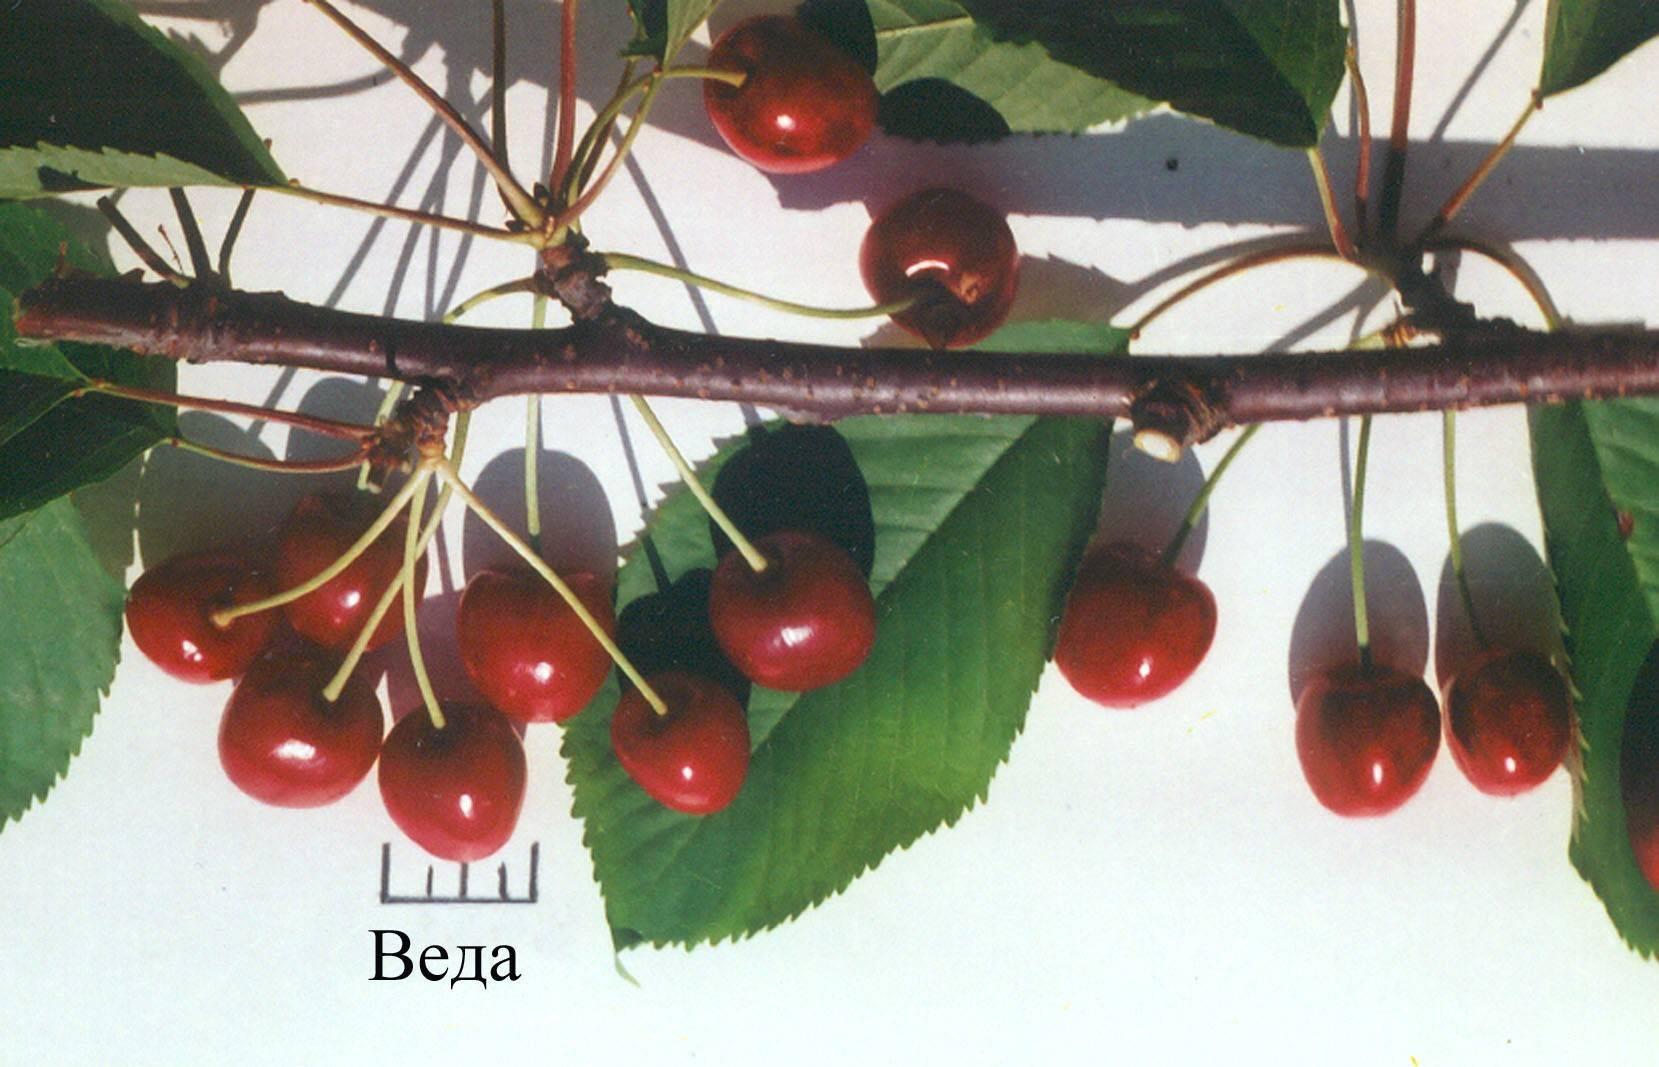 Черешня подарок орлу — описание сорта, фото, отзывы садоводов